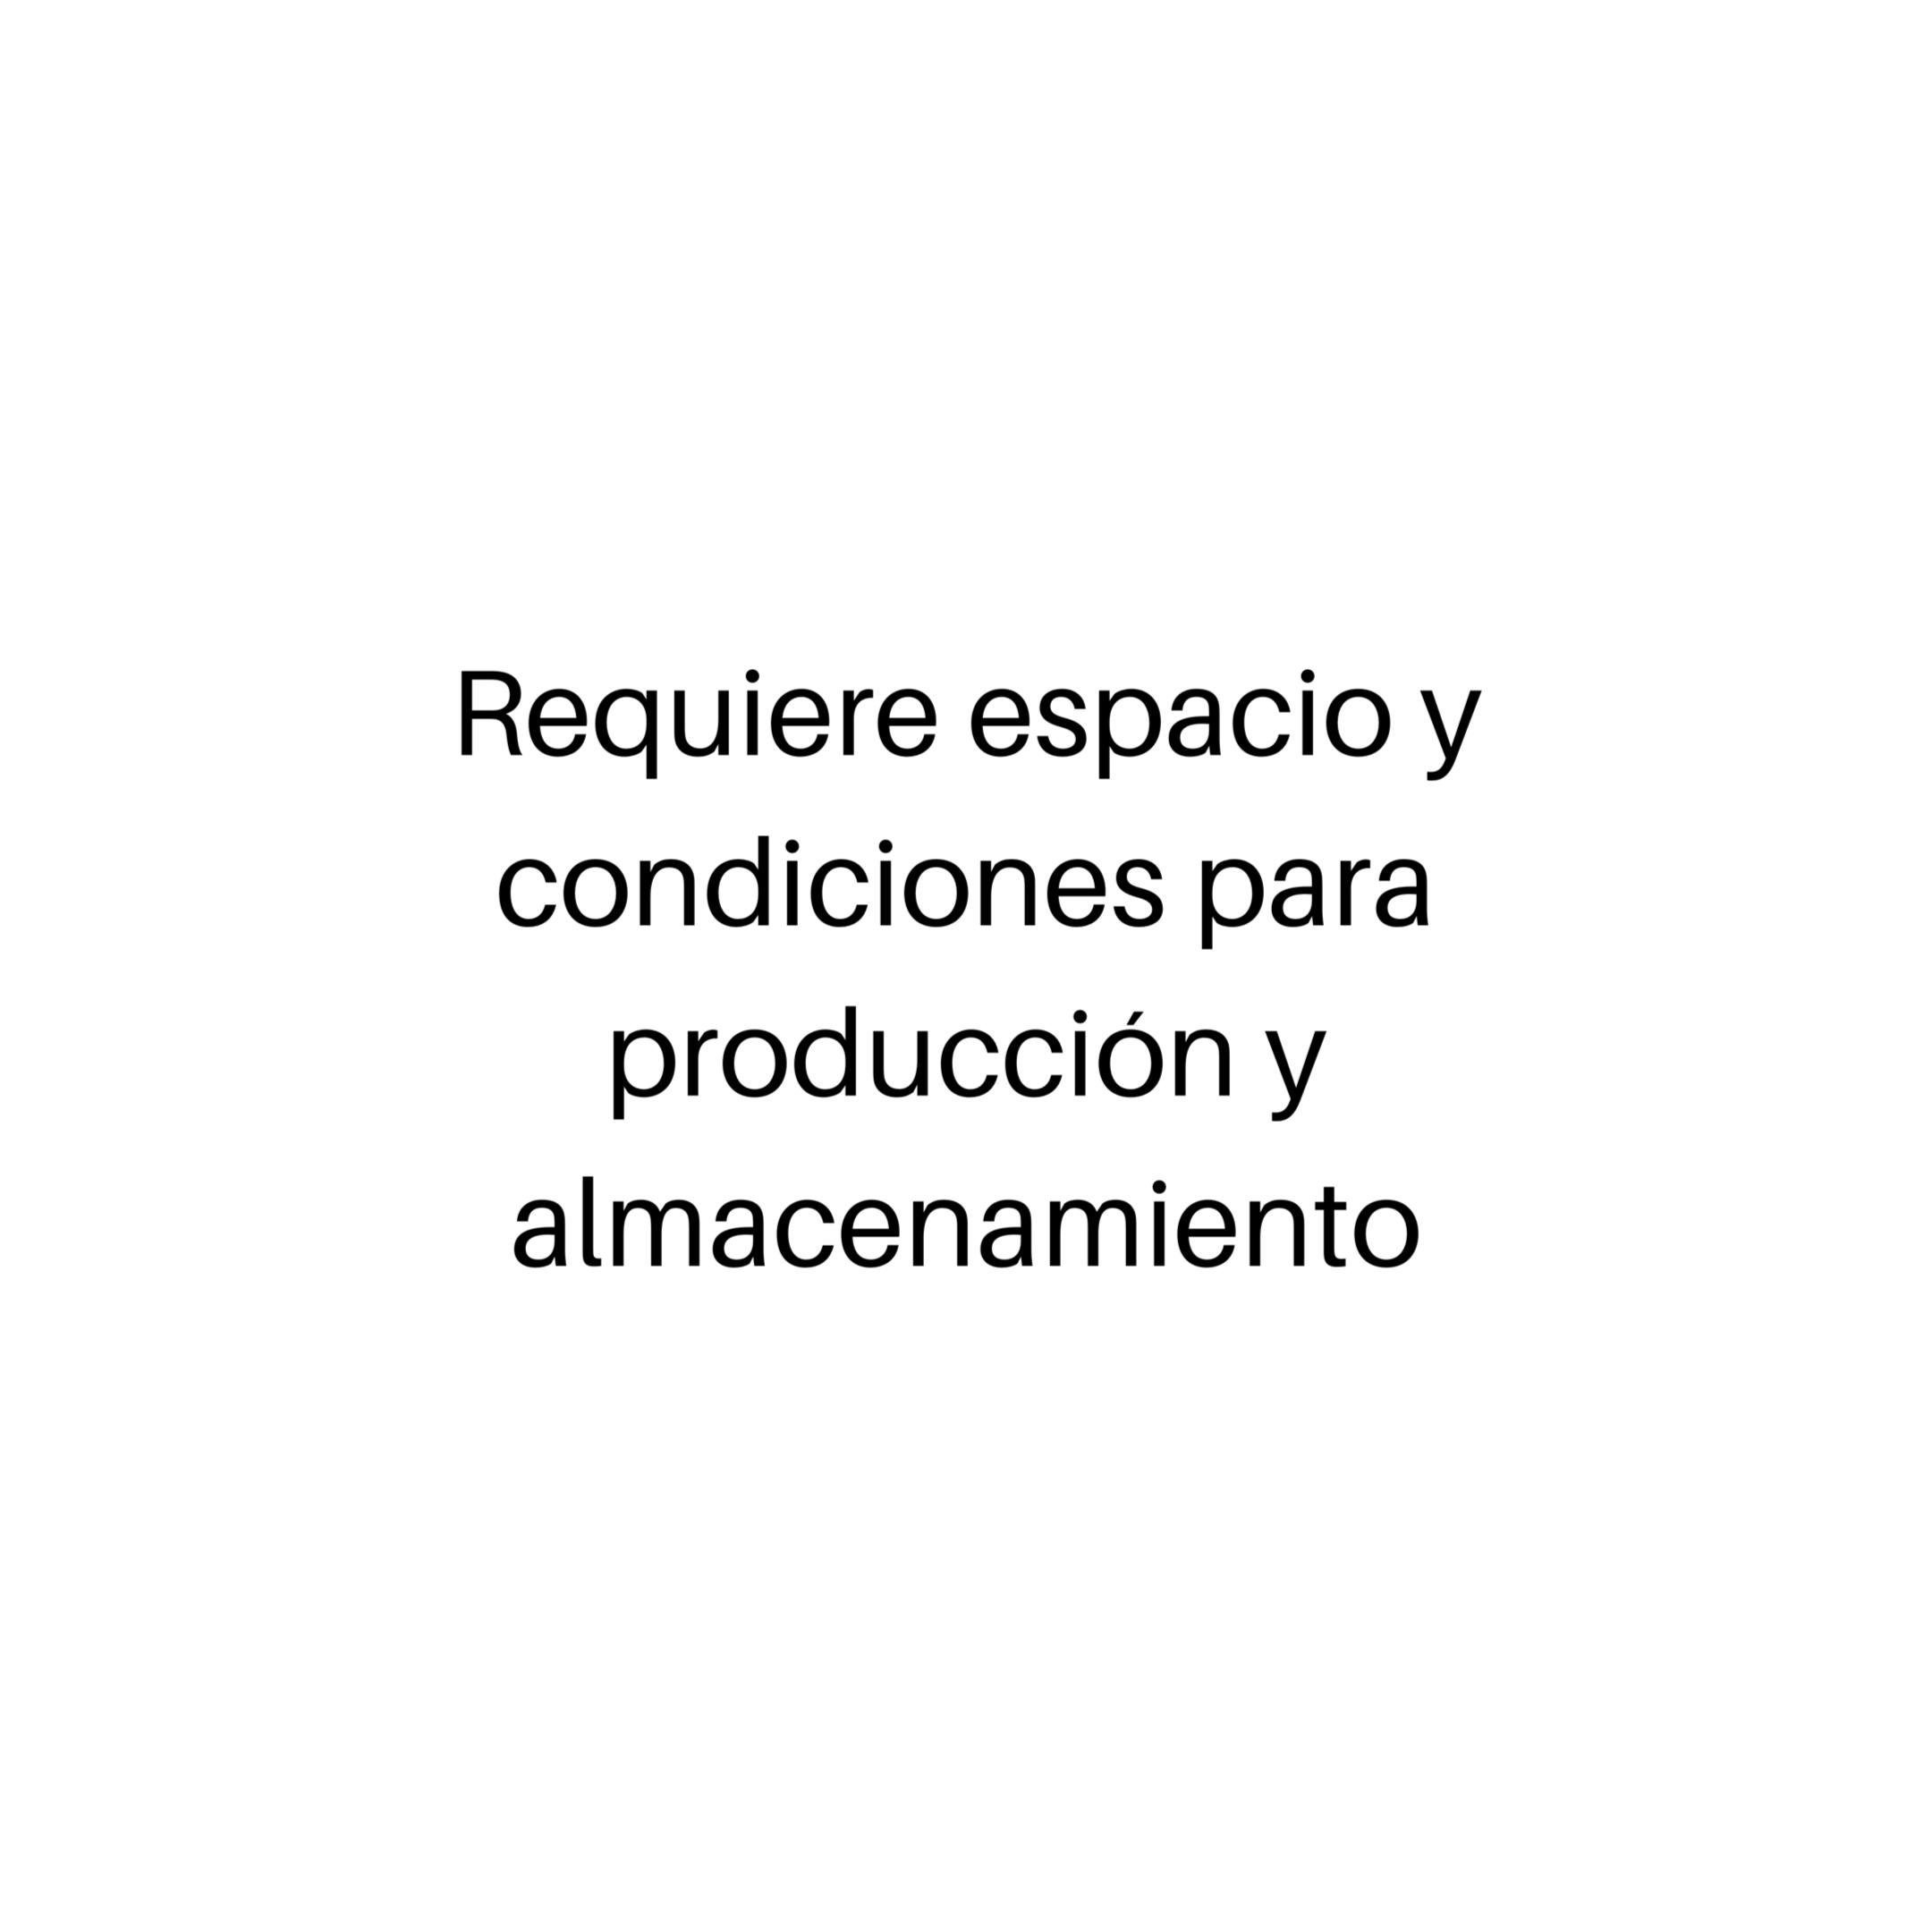 ESPACIO Y CONDICIONES